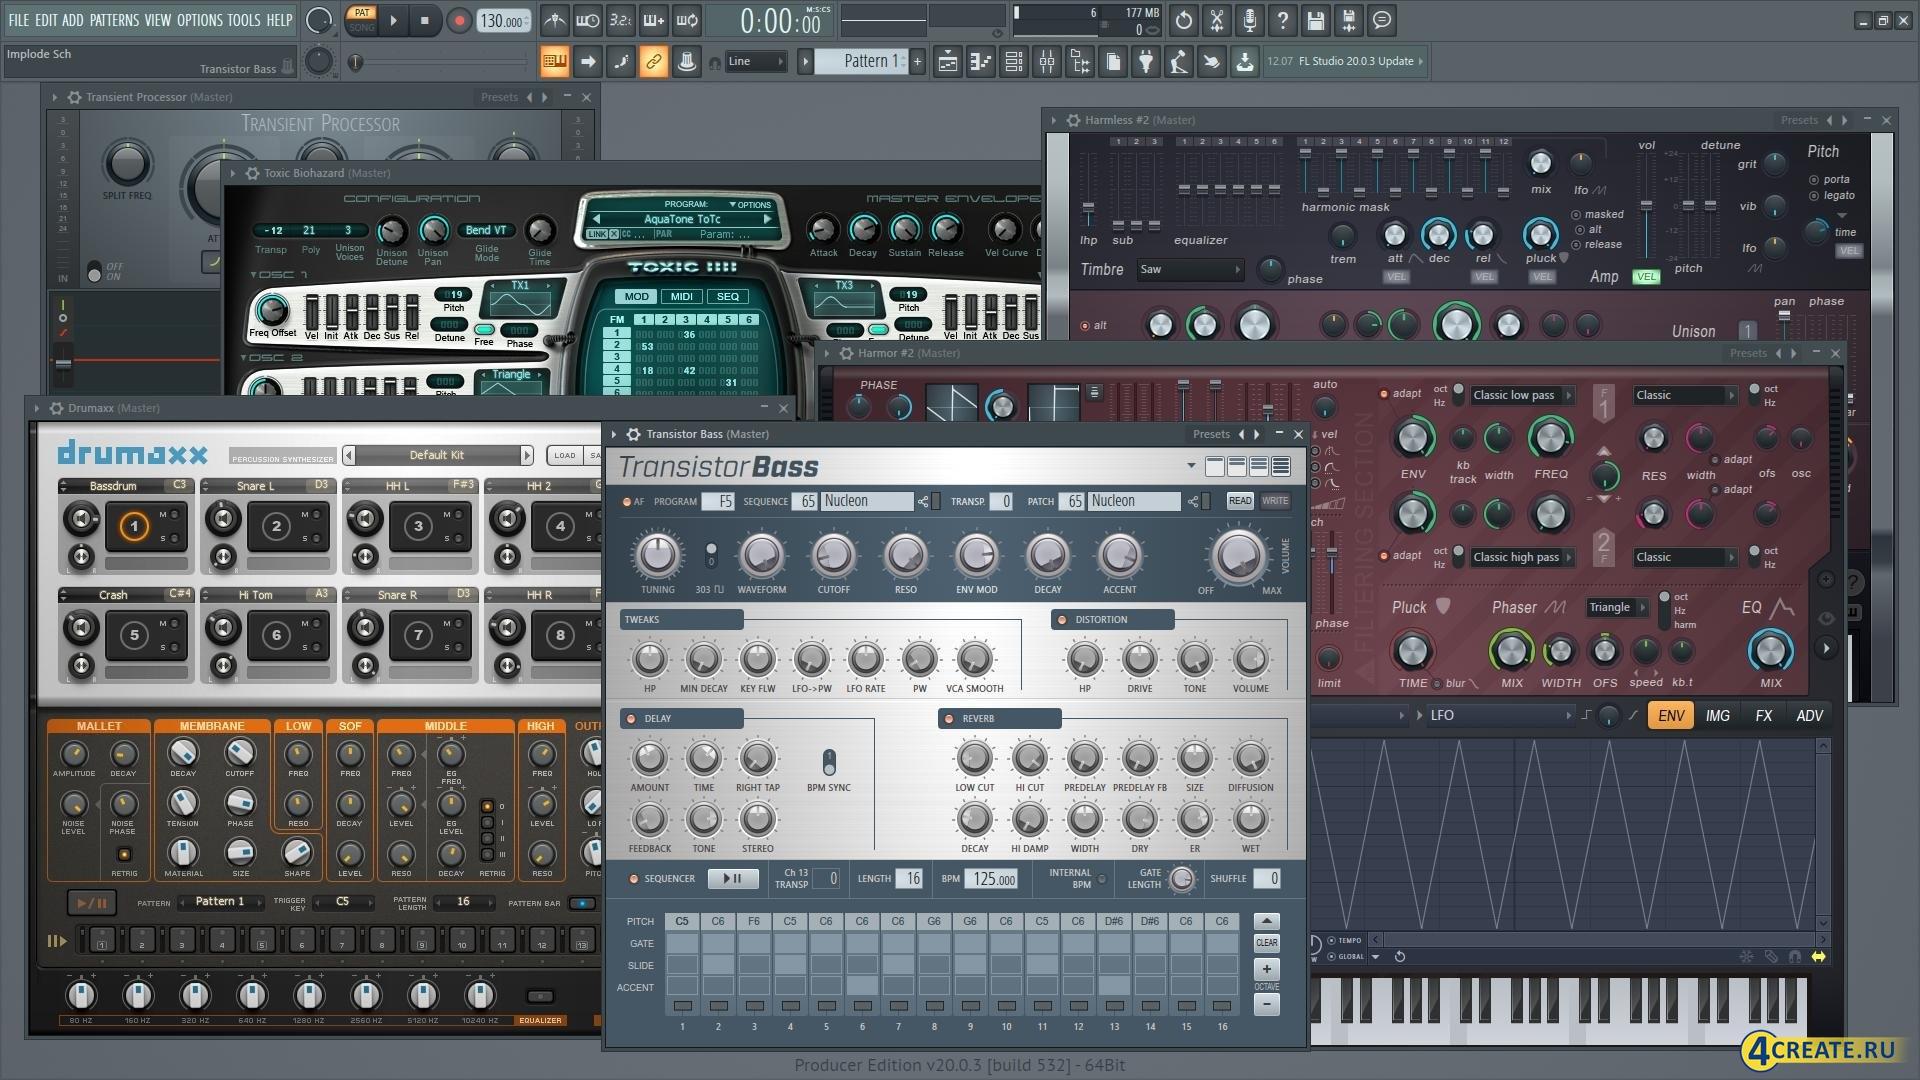 FL Studio 20.1.1.795 (Скриншот 3)